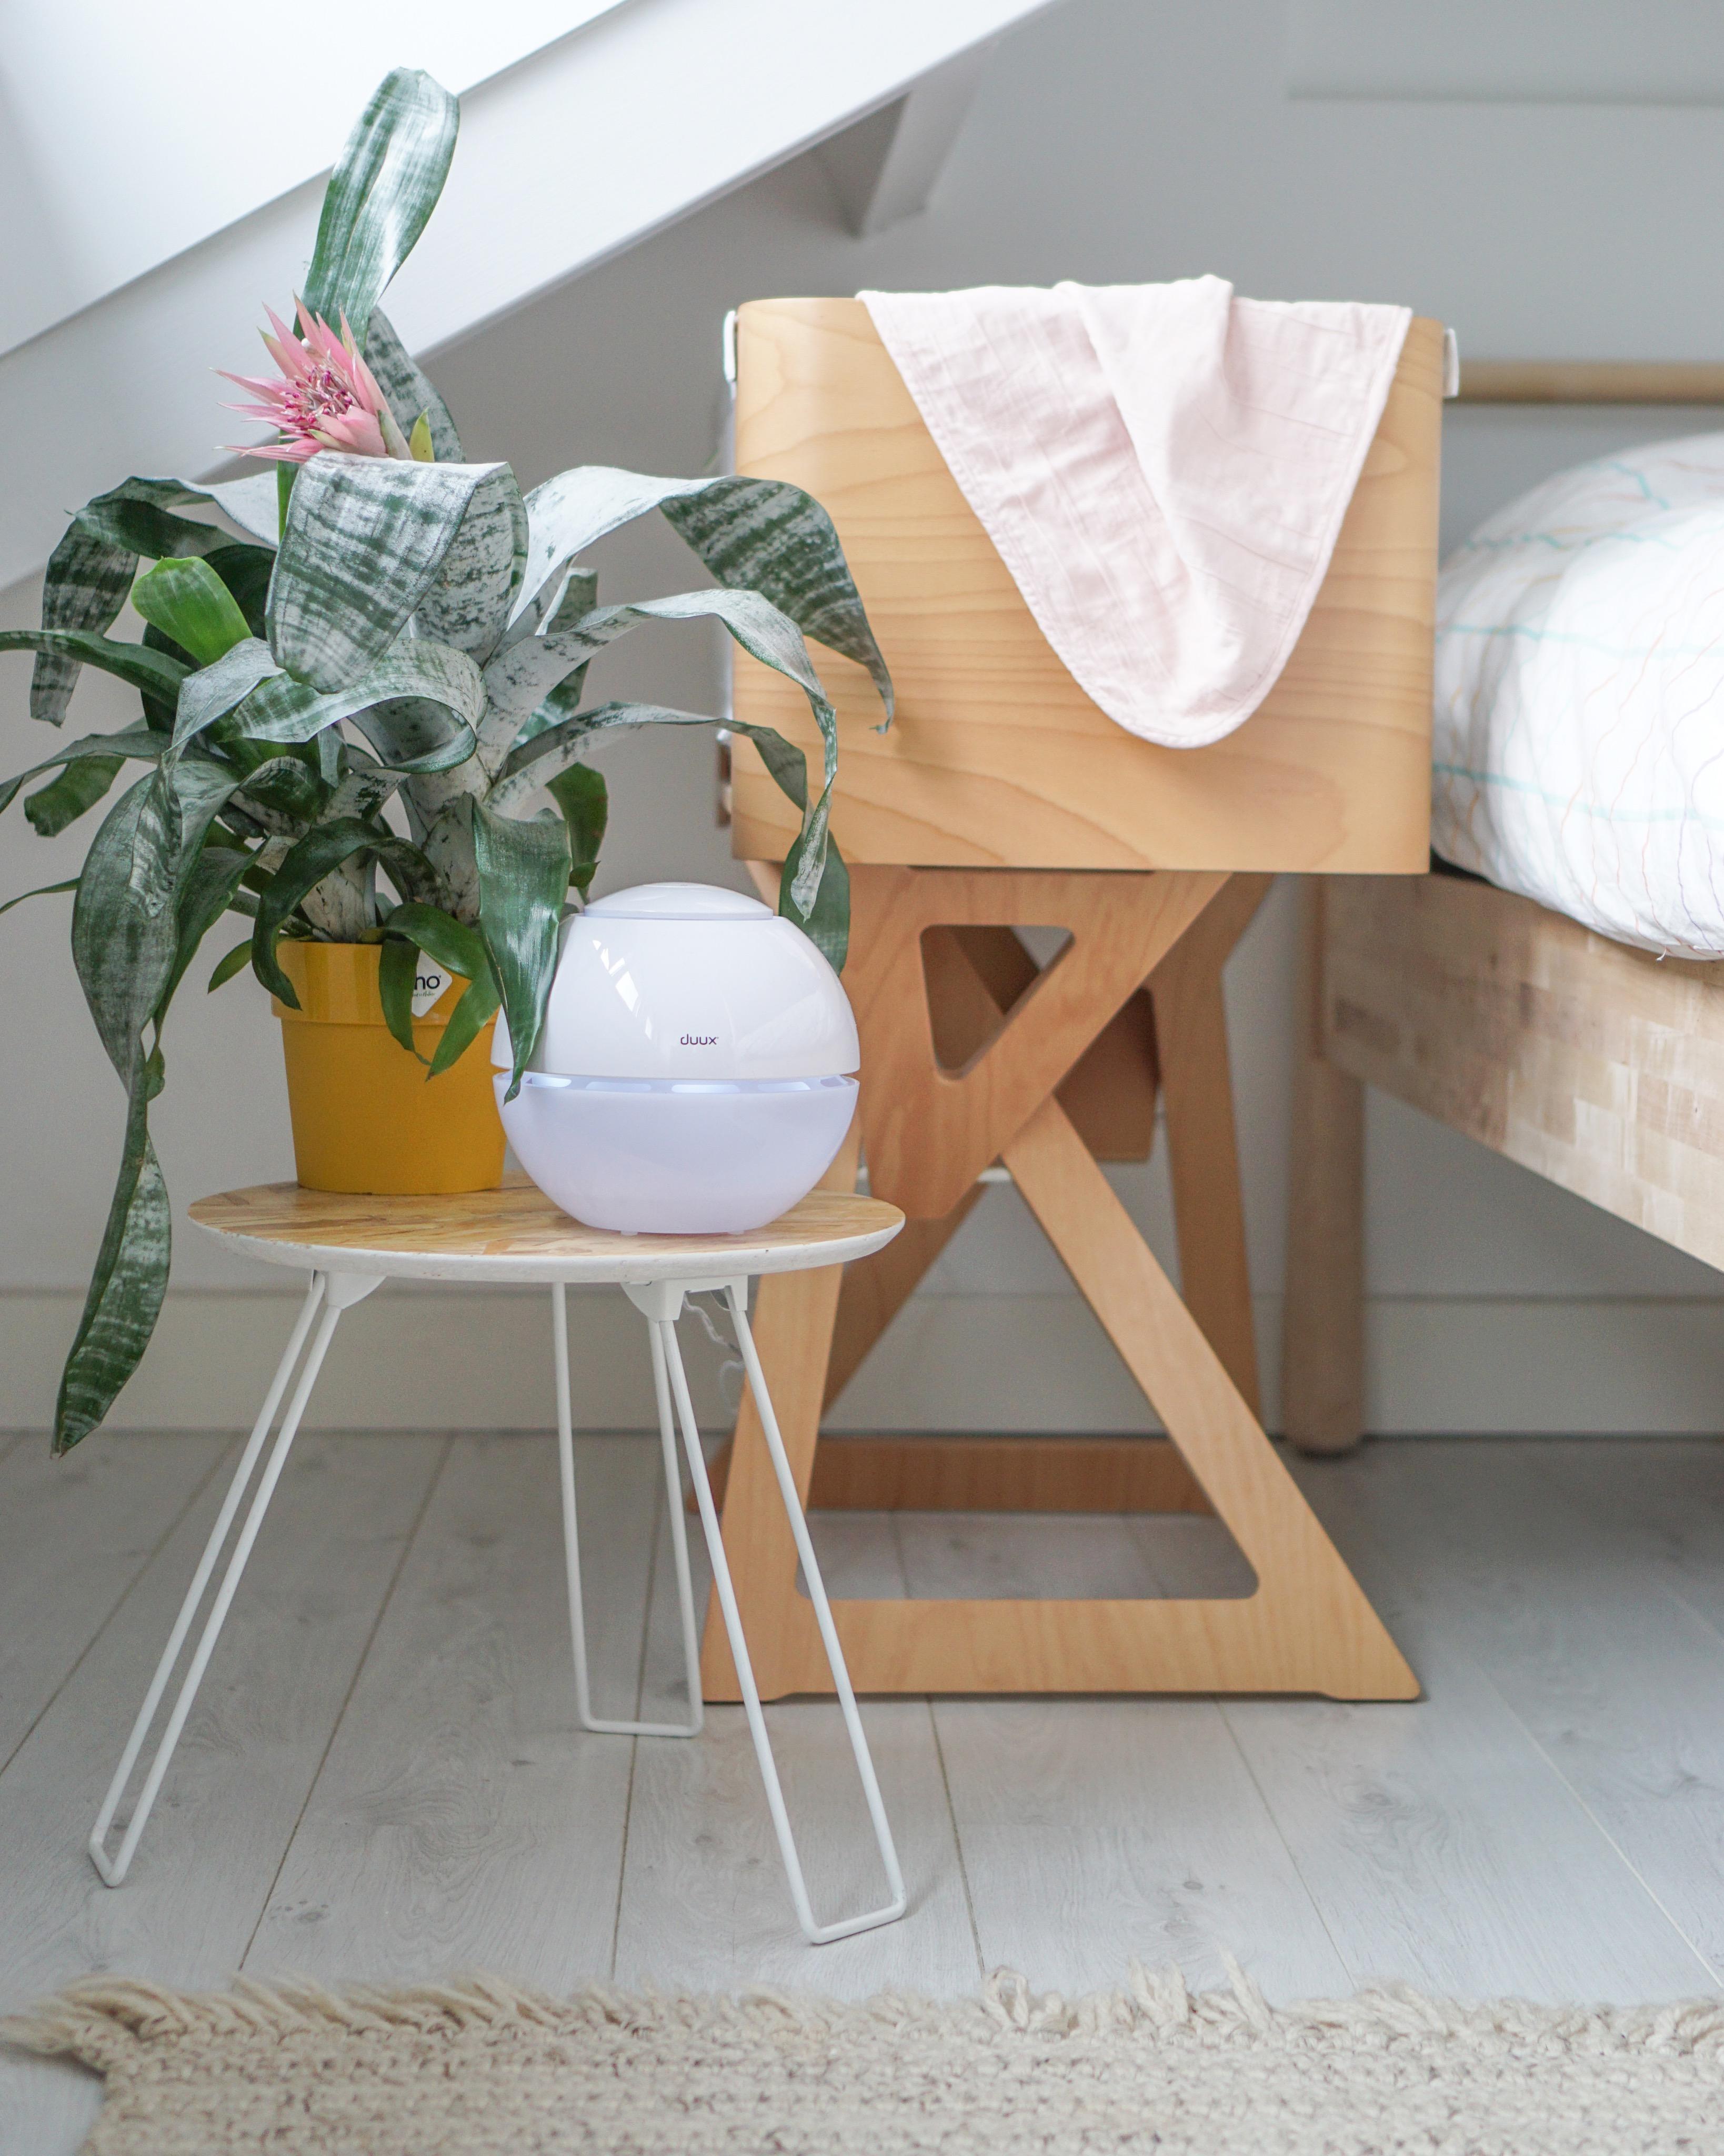 Duux luchtbevochtiger gezonde lucht slaapkamer